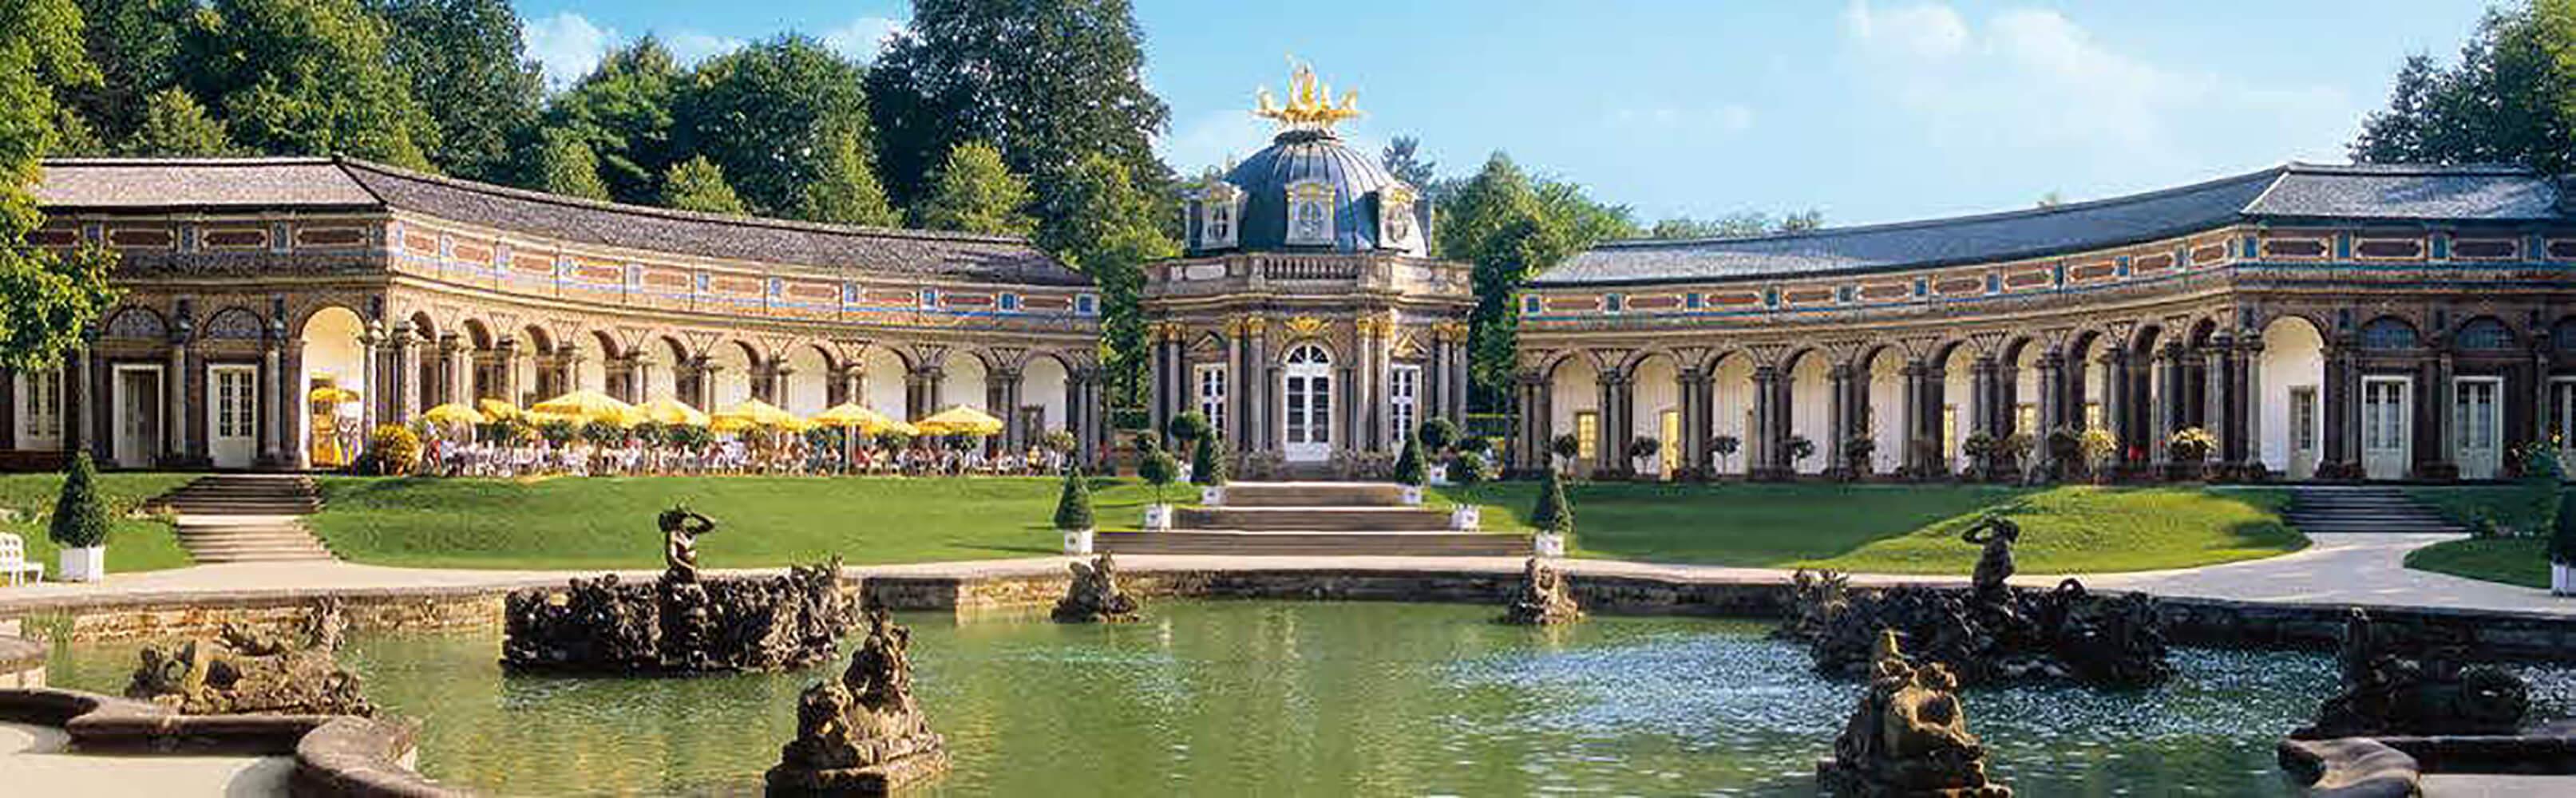 Altes Schloss Eremitage bei Bayreuth 1